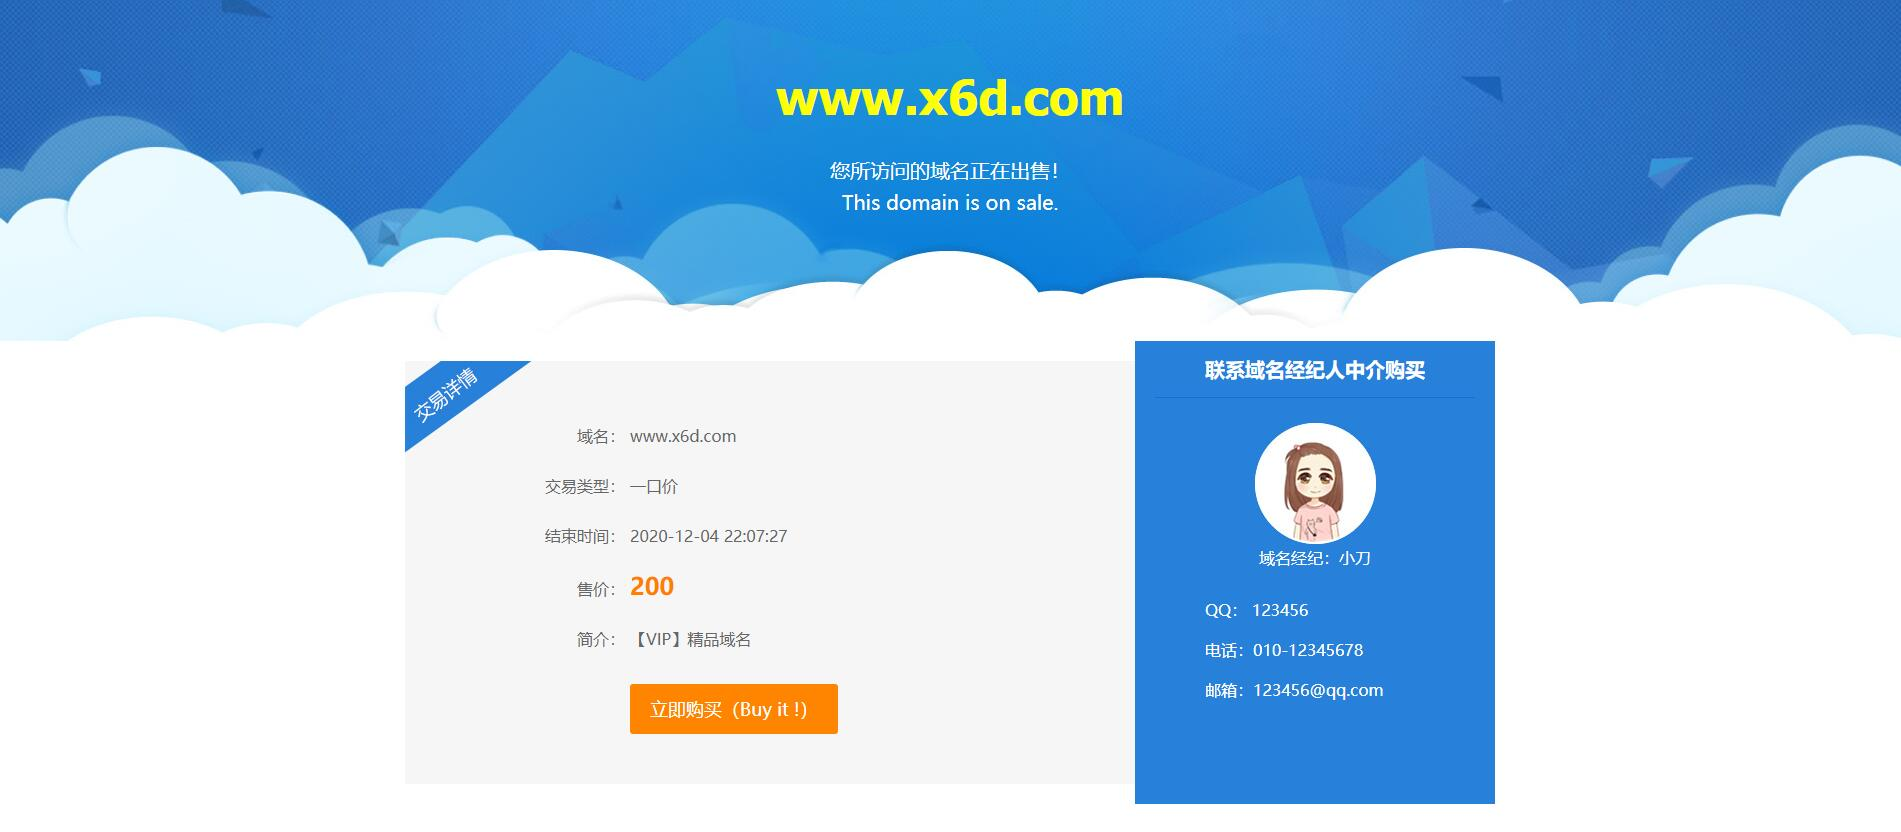 在线出售域名页面html源码